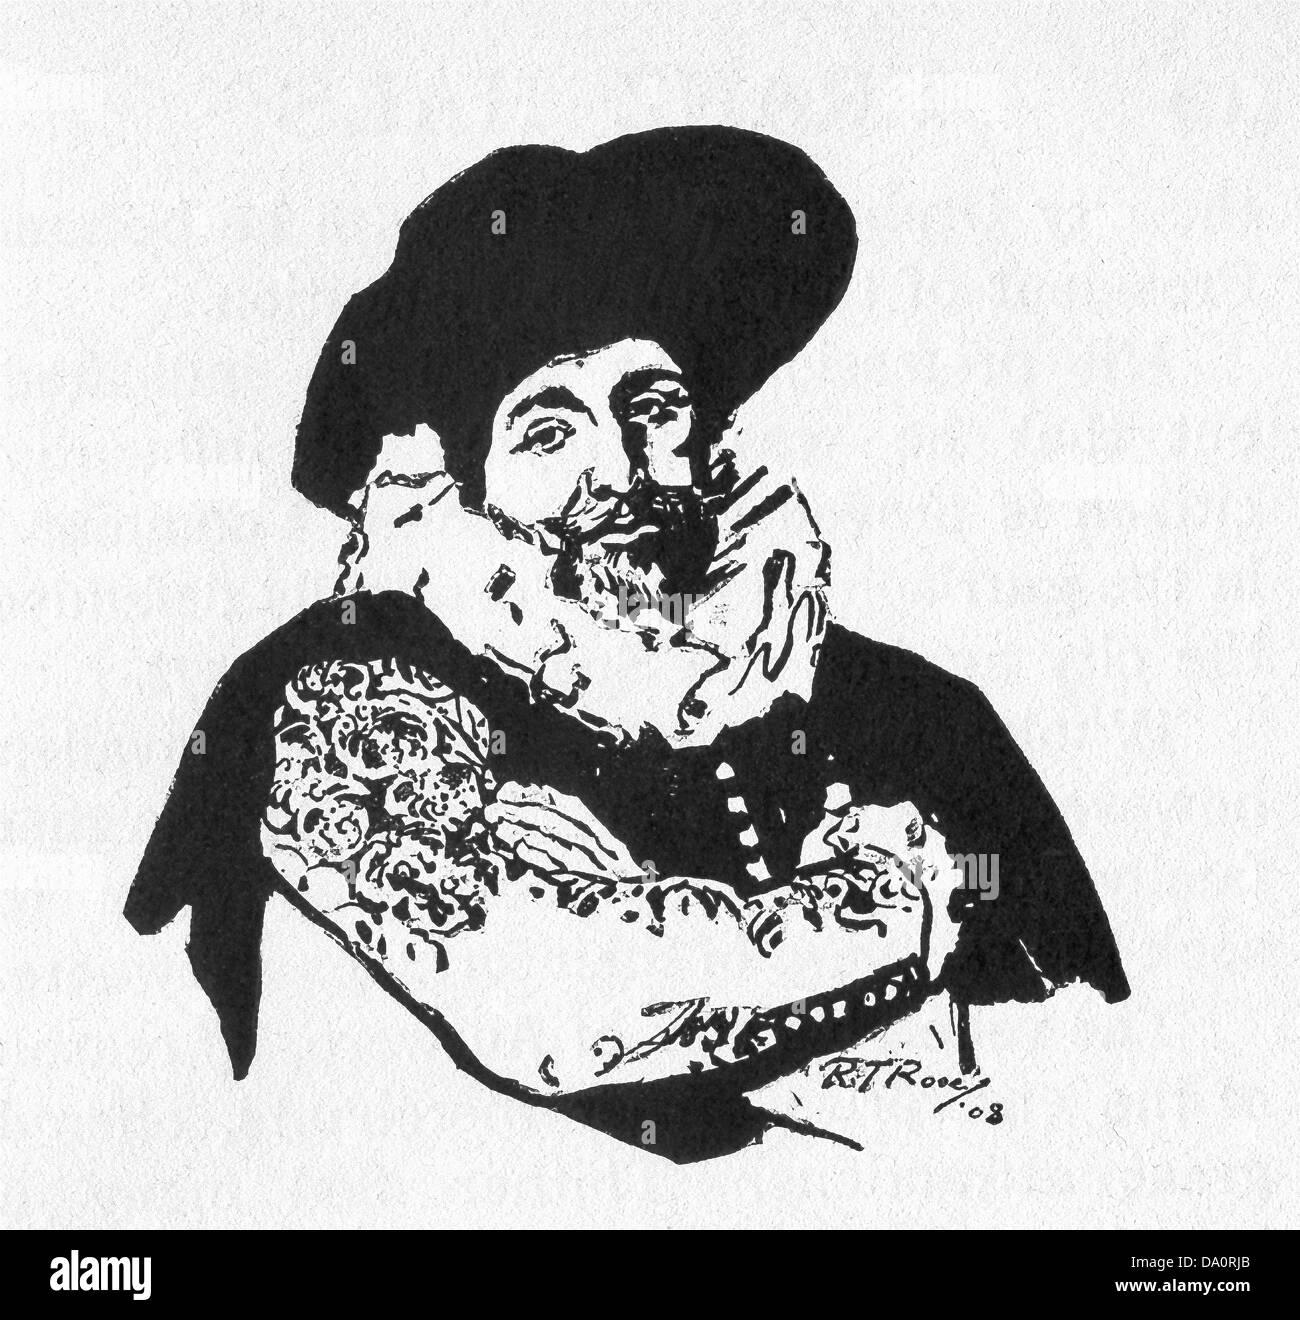 Dutch Golden Age painter Franz Hals (c. 1582–1666) was born in